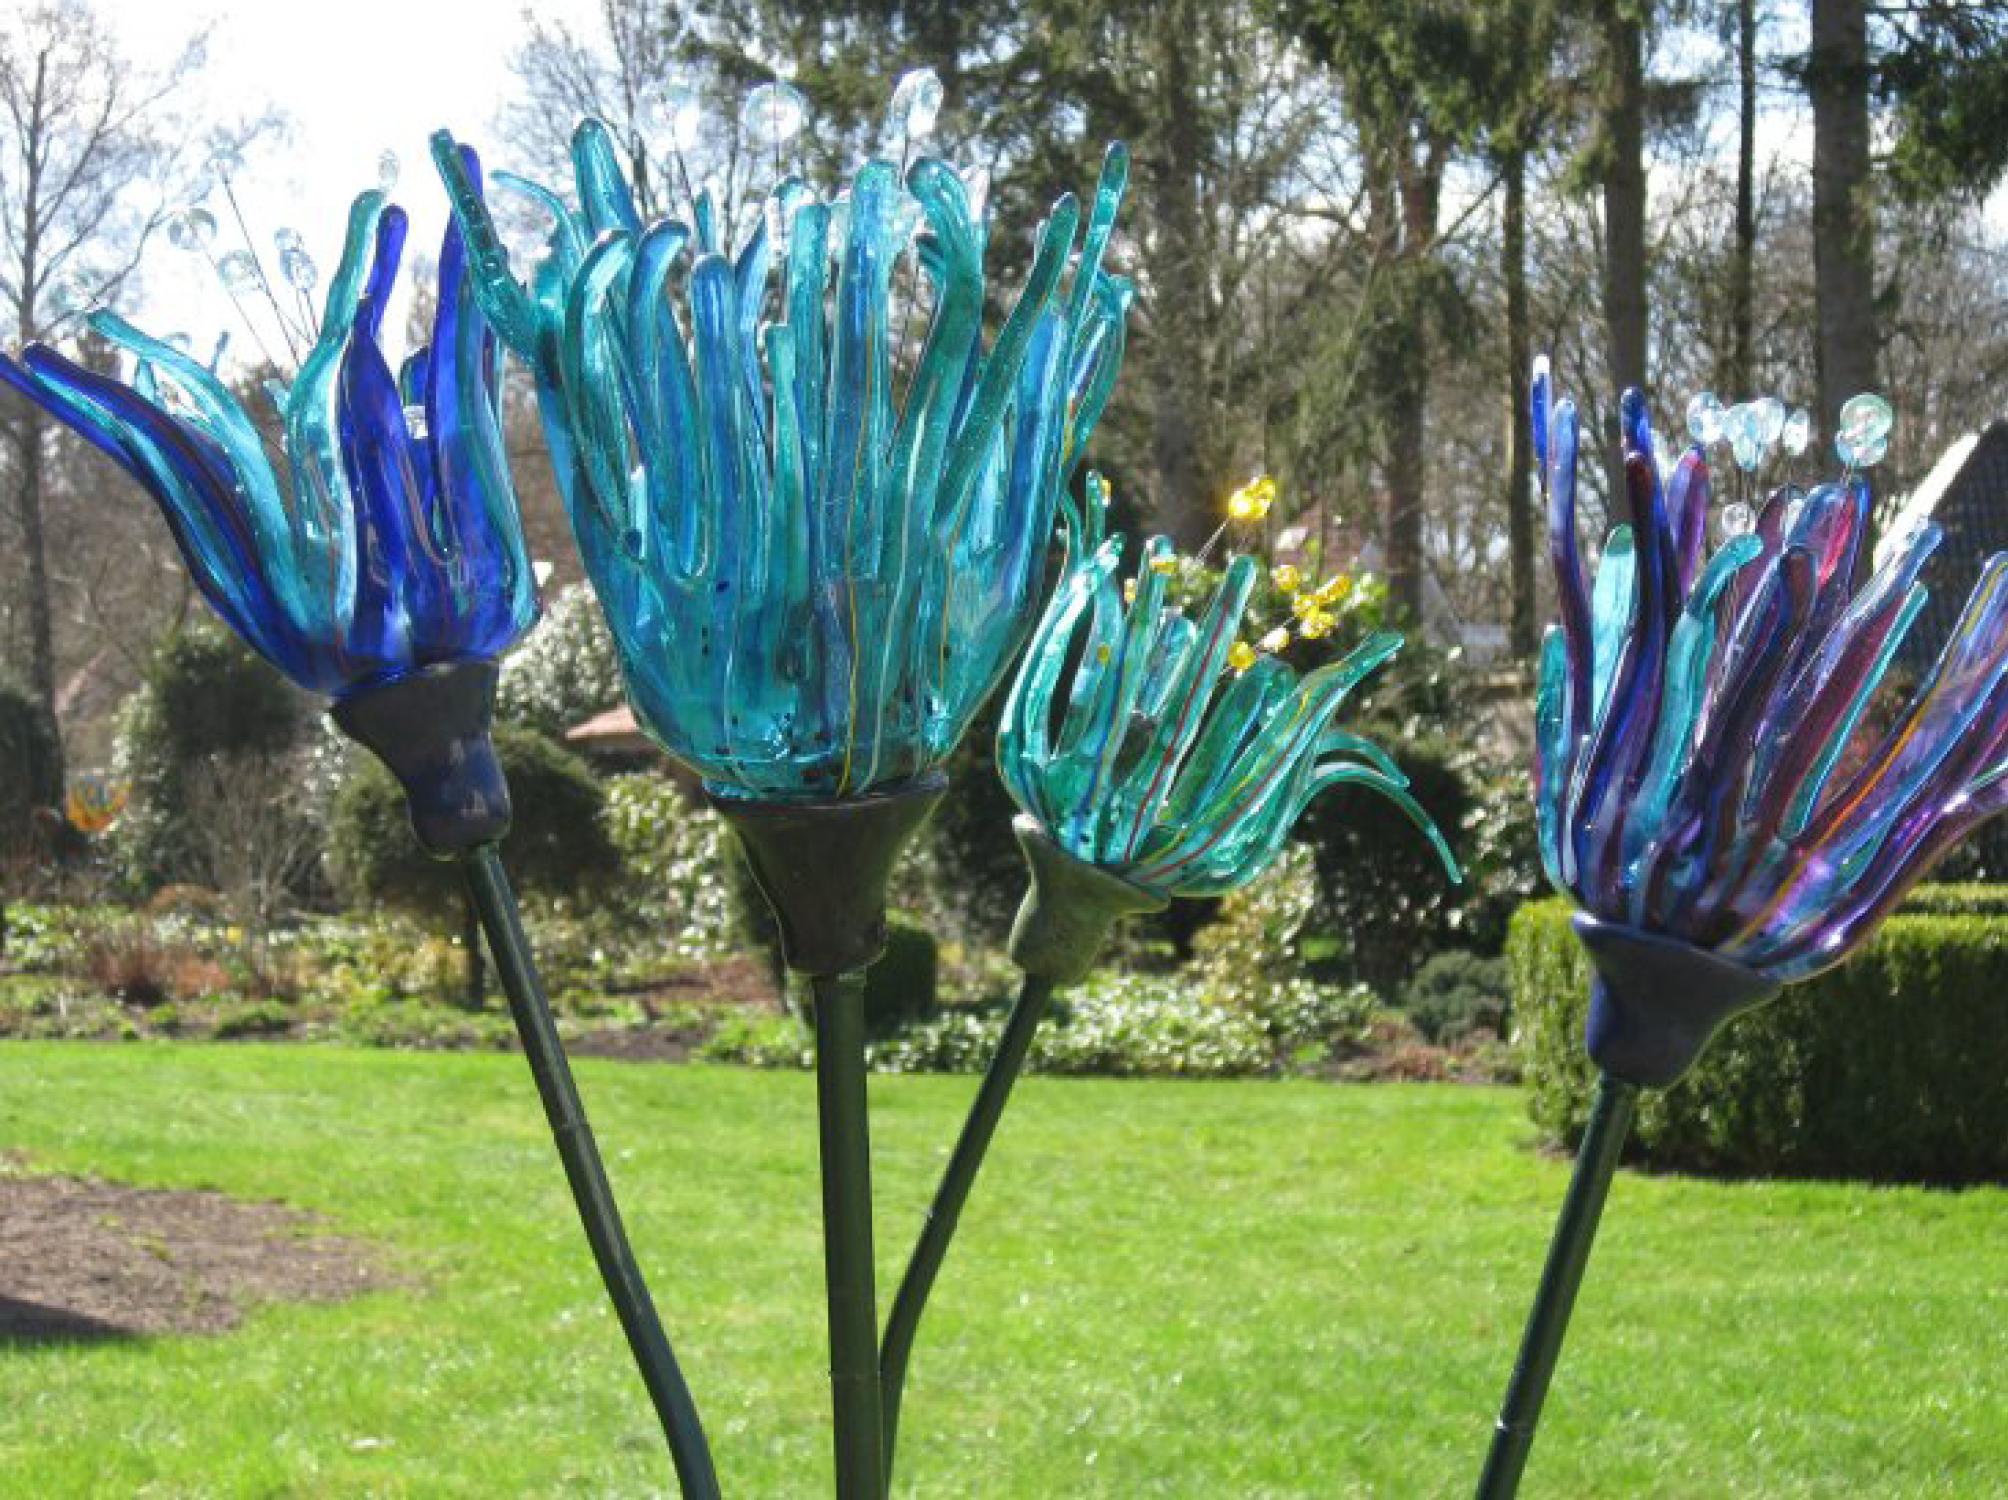 kunst van Gonny Fournier in de tuin